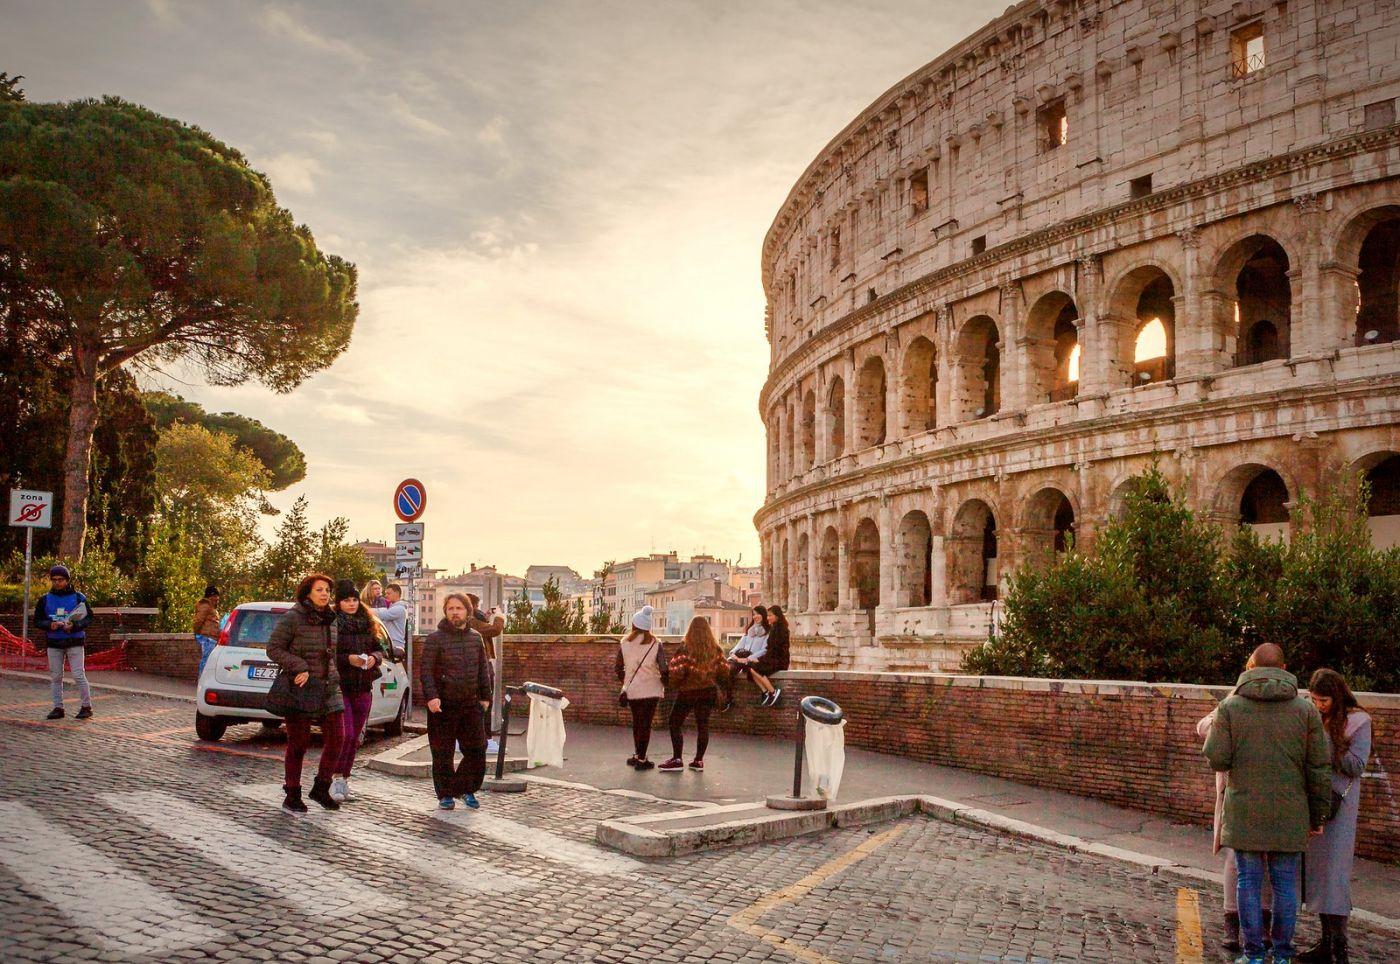 罗马斗兽场(Colosseum), 两千年的宏大建筑古迹_图1-12